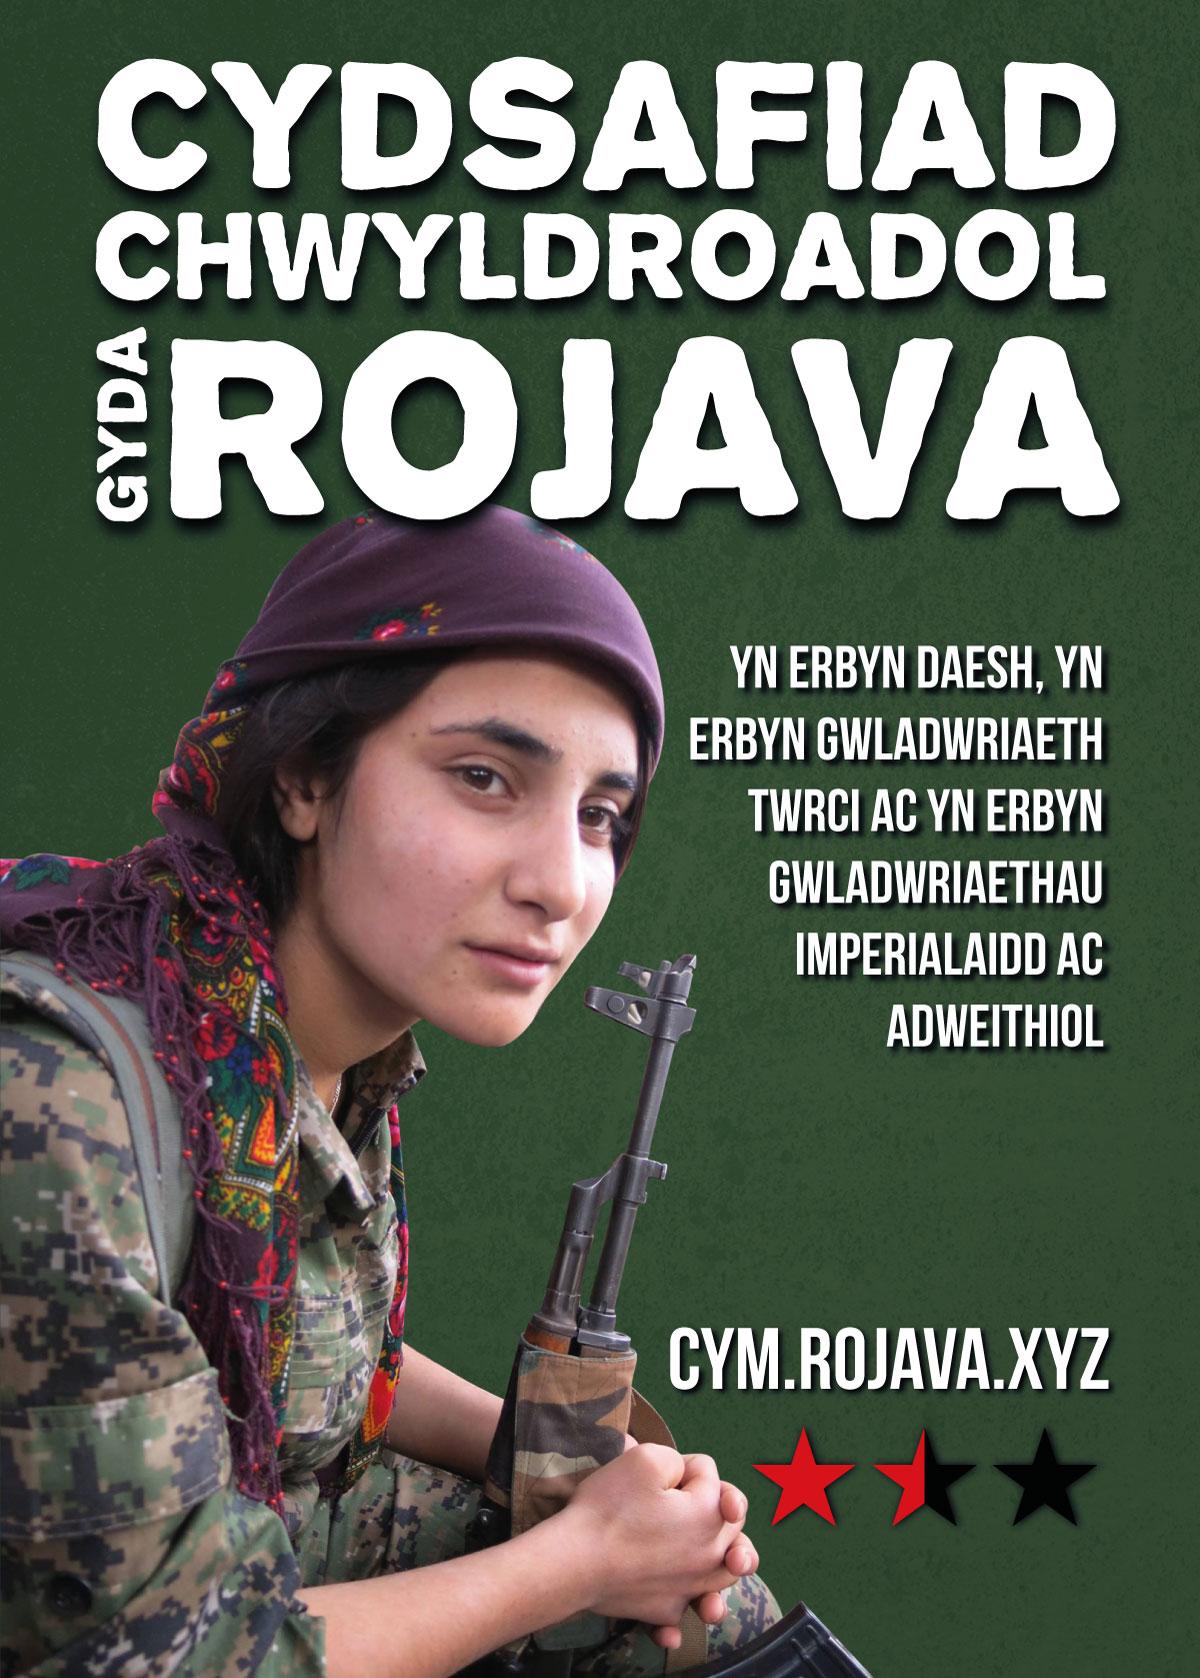 Cydsafiad chwyldroadol gyda Rojava